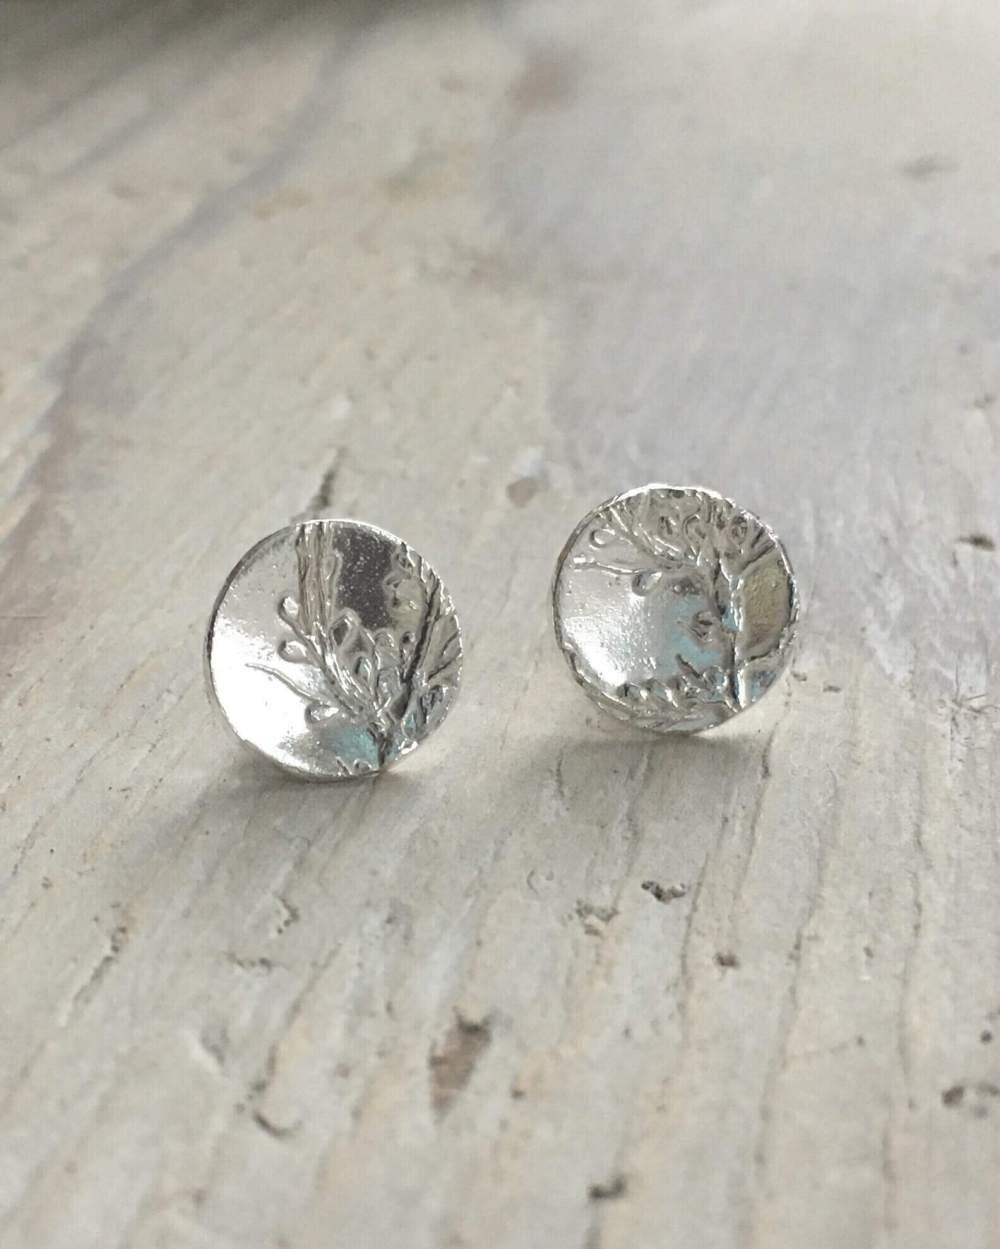 Sargassum Seaweed Stud Earrings